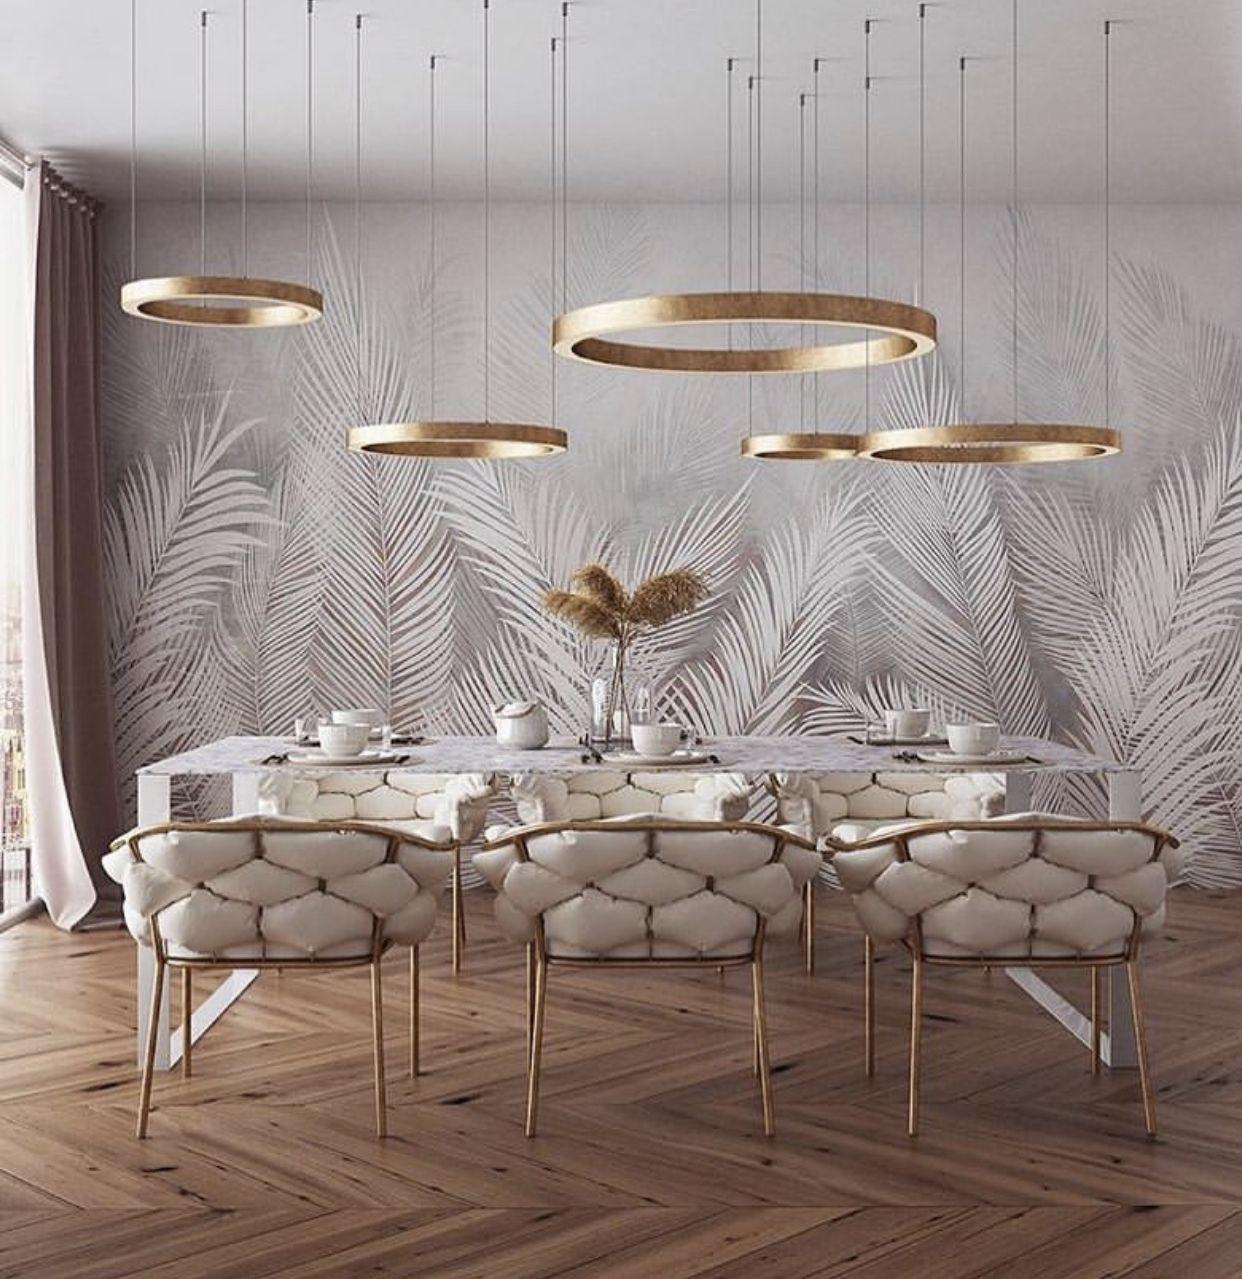 Contemporaryinterior Design Ideas: #internship Interior Design #interior Design Ideas Living